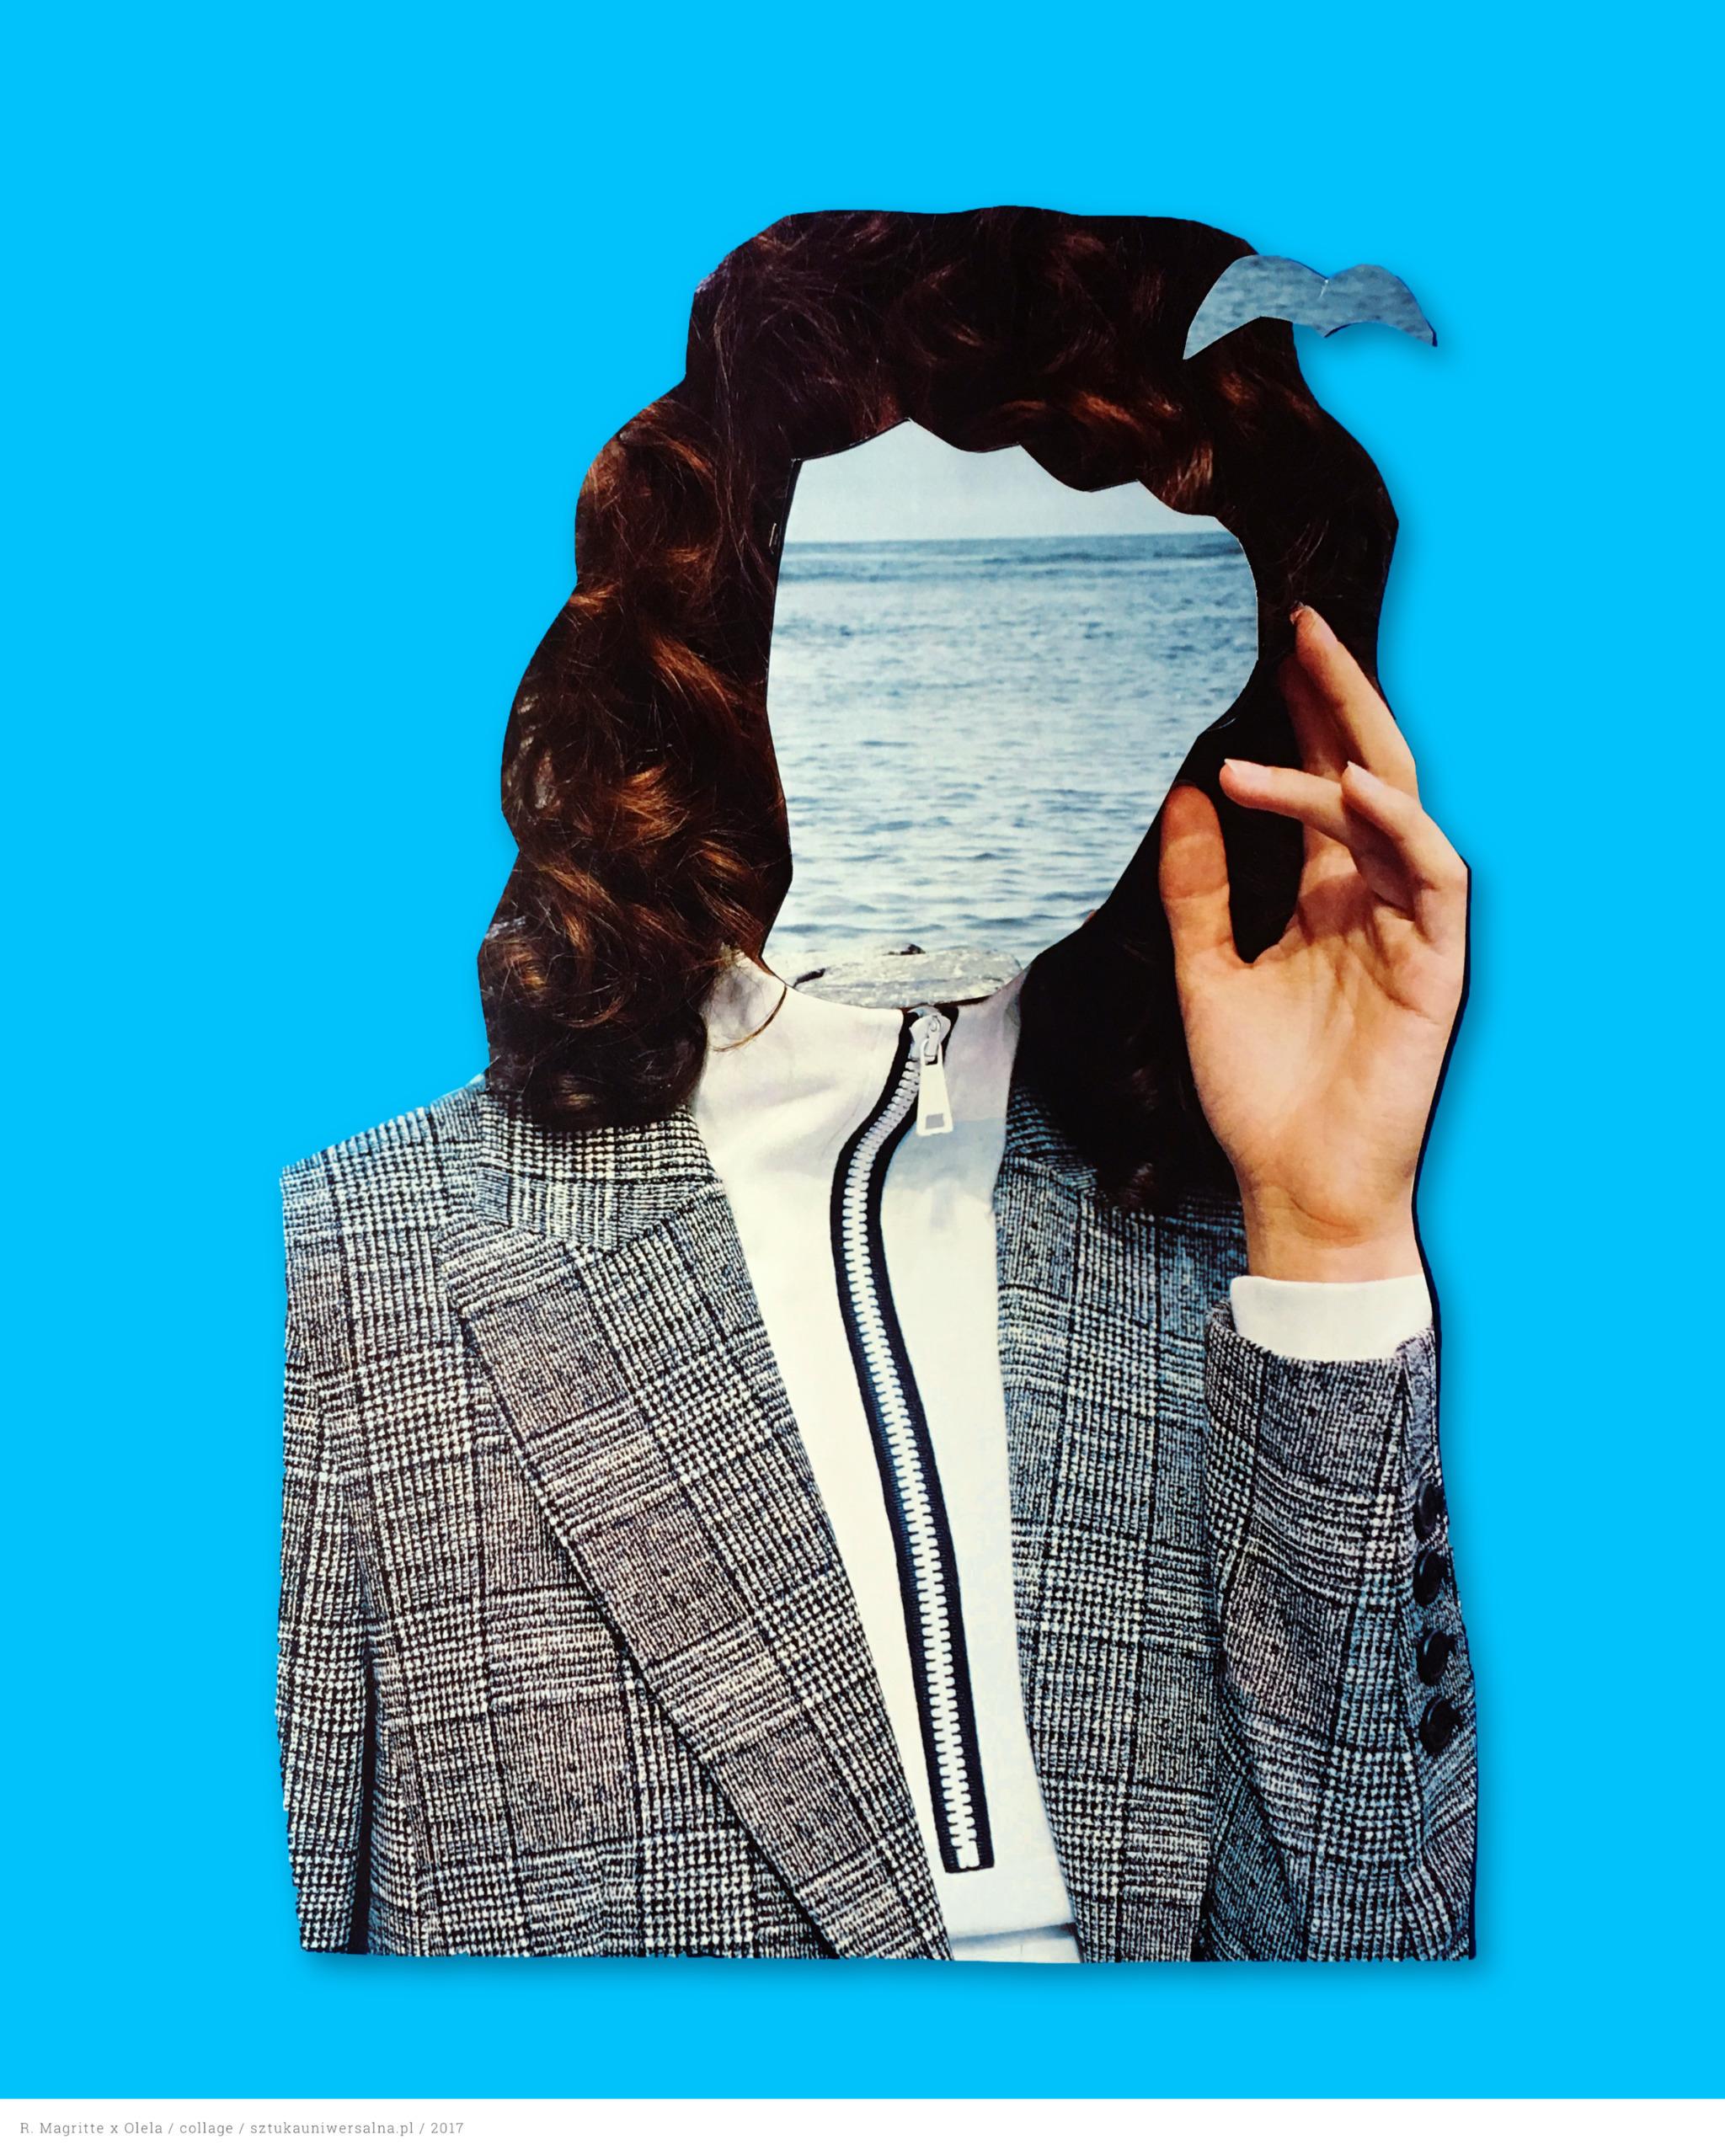 Zdjęcie przedstawia papierowy kolaż na niebieskim tle przedstawiający popiersie kobiety, gdzie kobieta wykonuje gest dotykania głowy. Kobieta zamiast twarzy ma krajobraz morza.